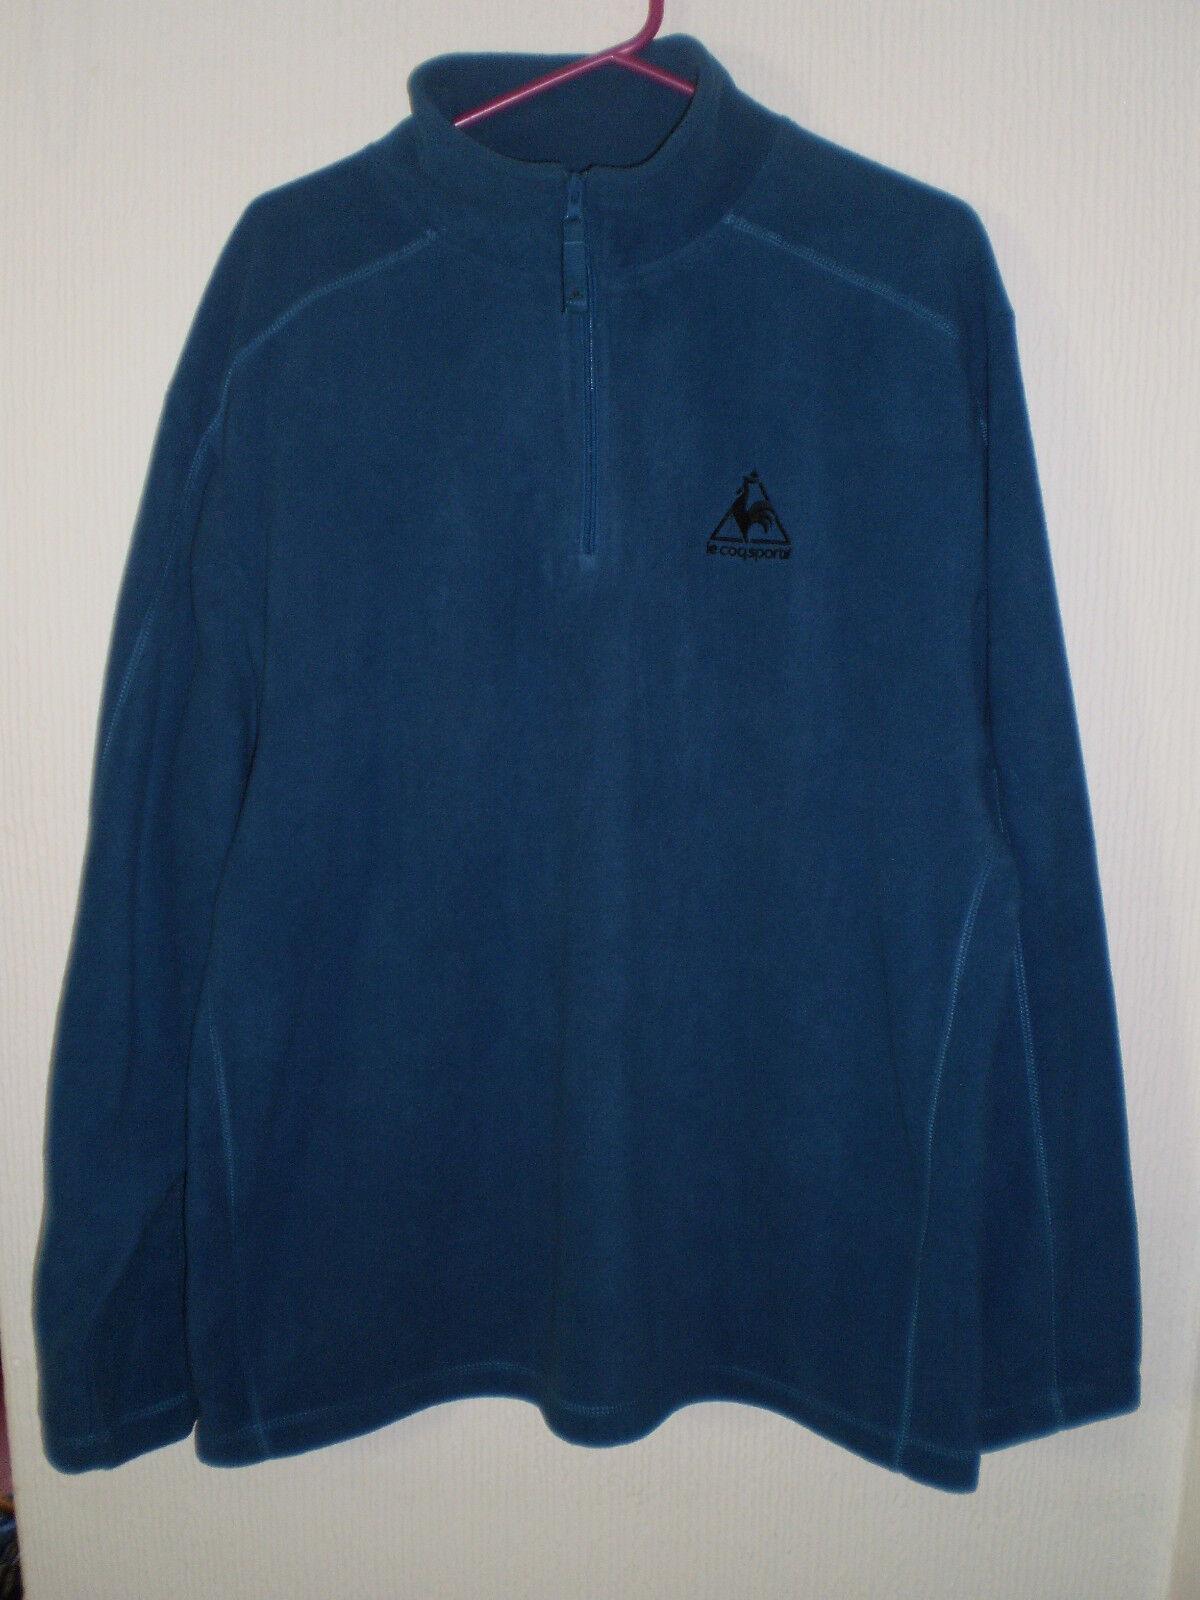 Le Coq Sportif  Herren Blau Fleece Warm Half Zip Sweater Jumper pullover XXL